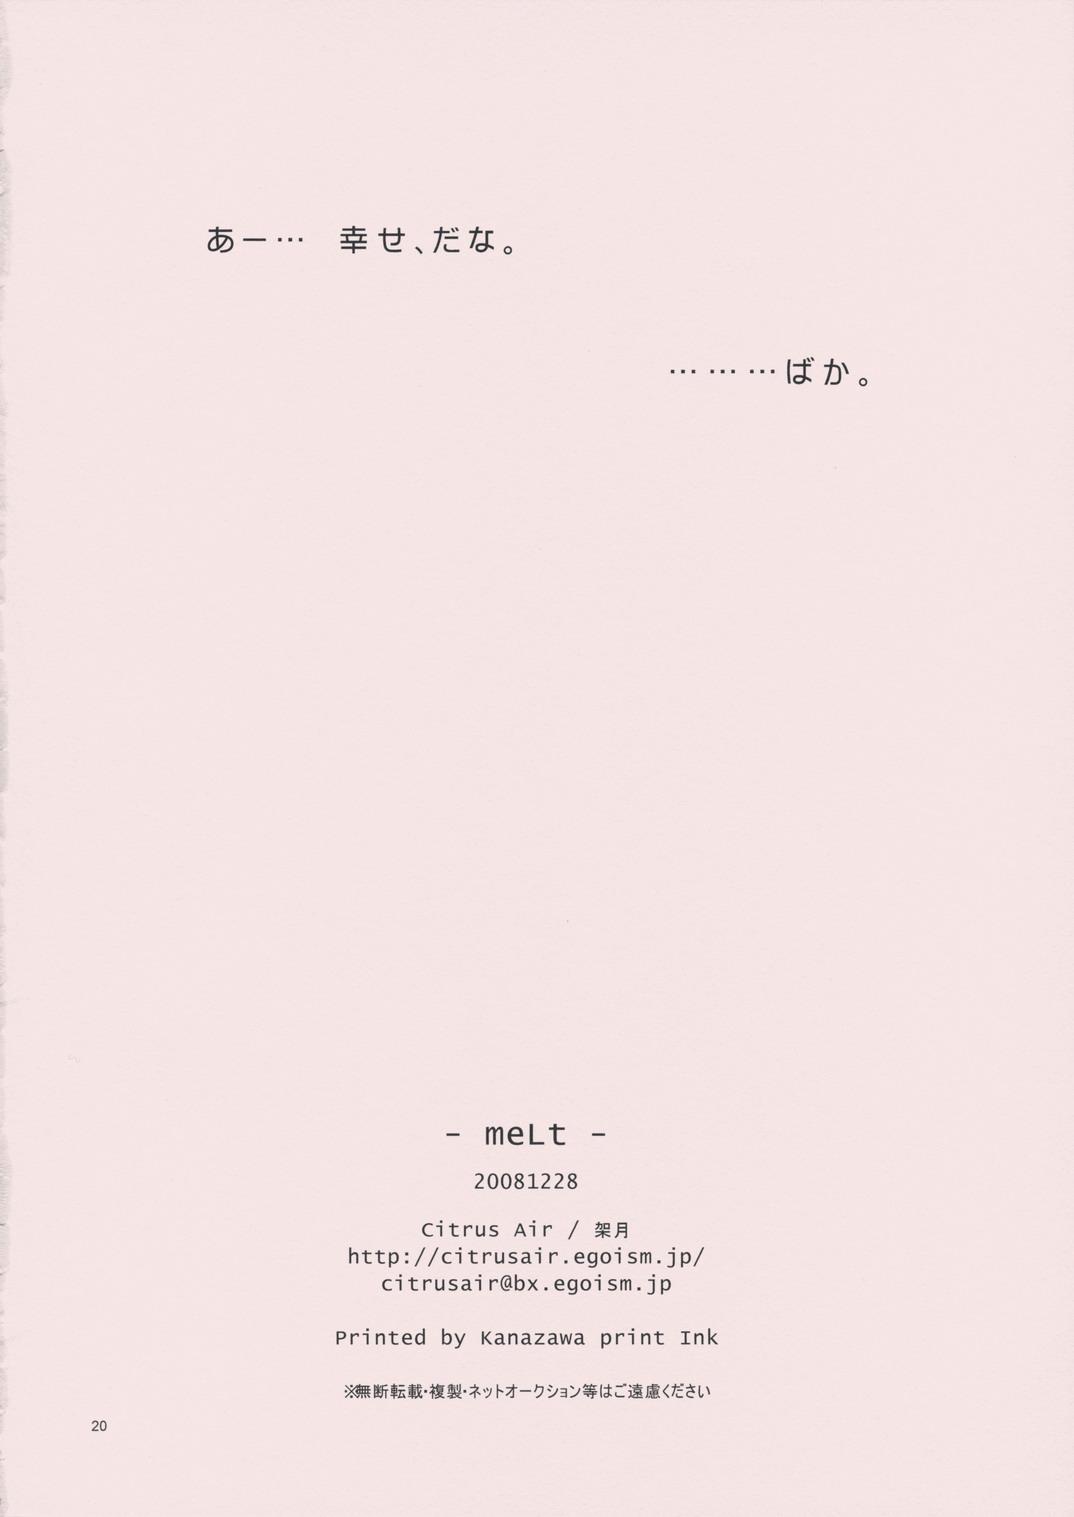 meLt 18